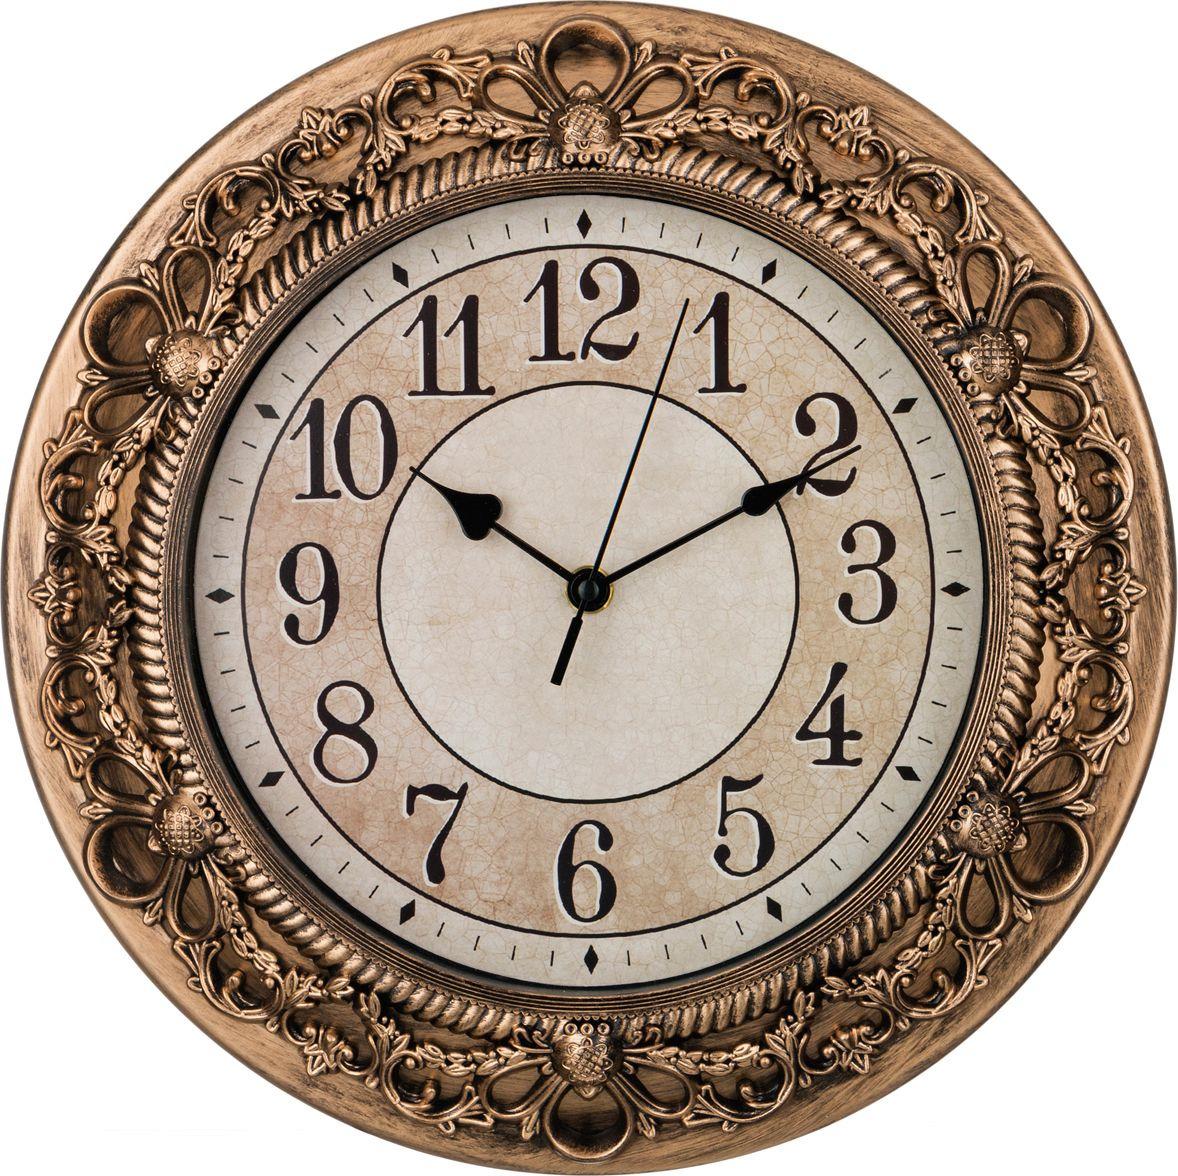 цена Настенные часы Lefard Royal House, 220-197, 33 х 33 х 4 см онлайн в 2017 году